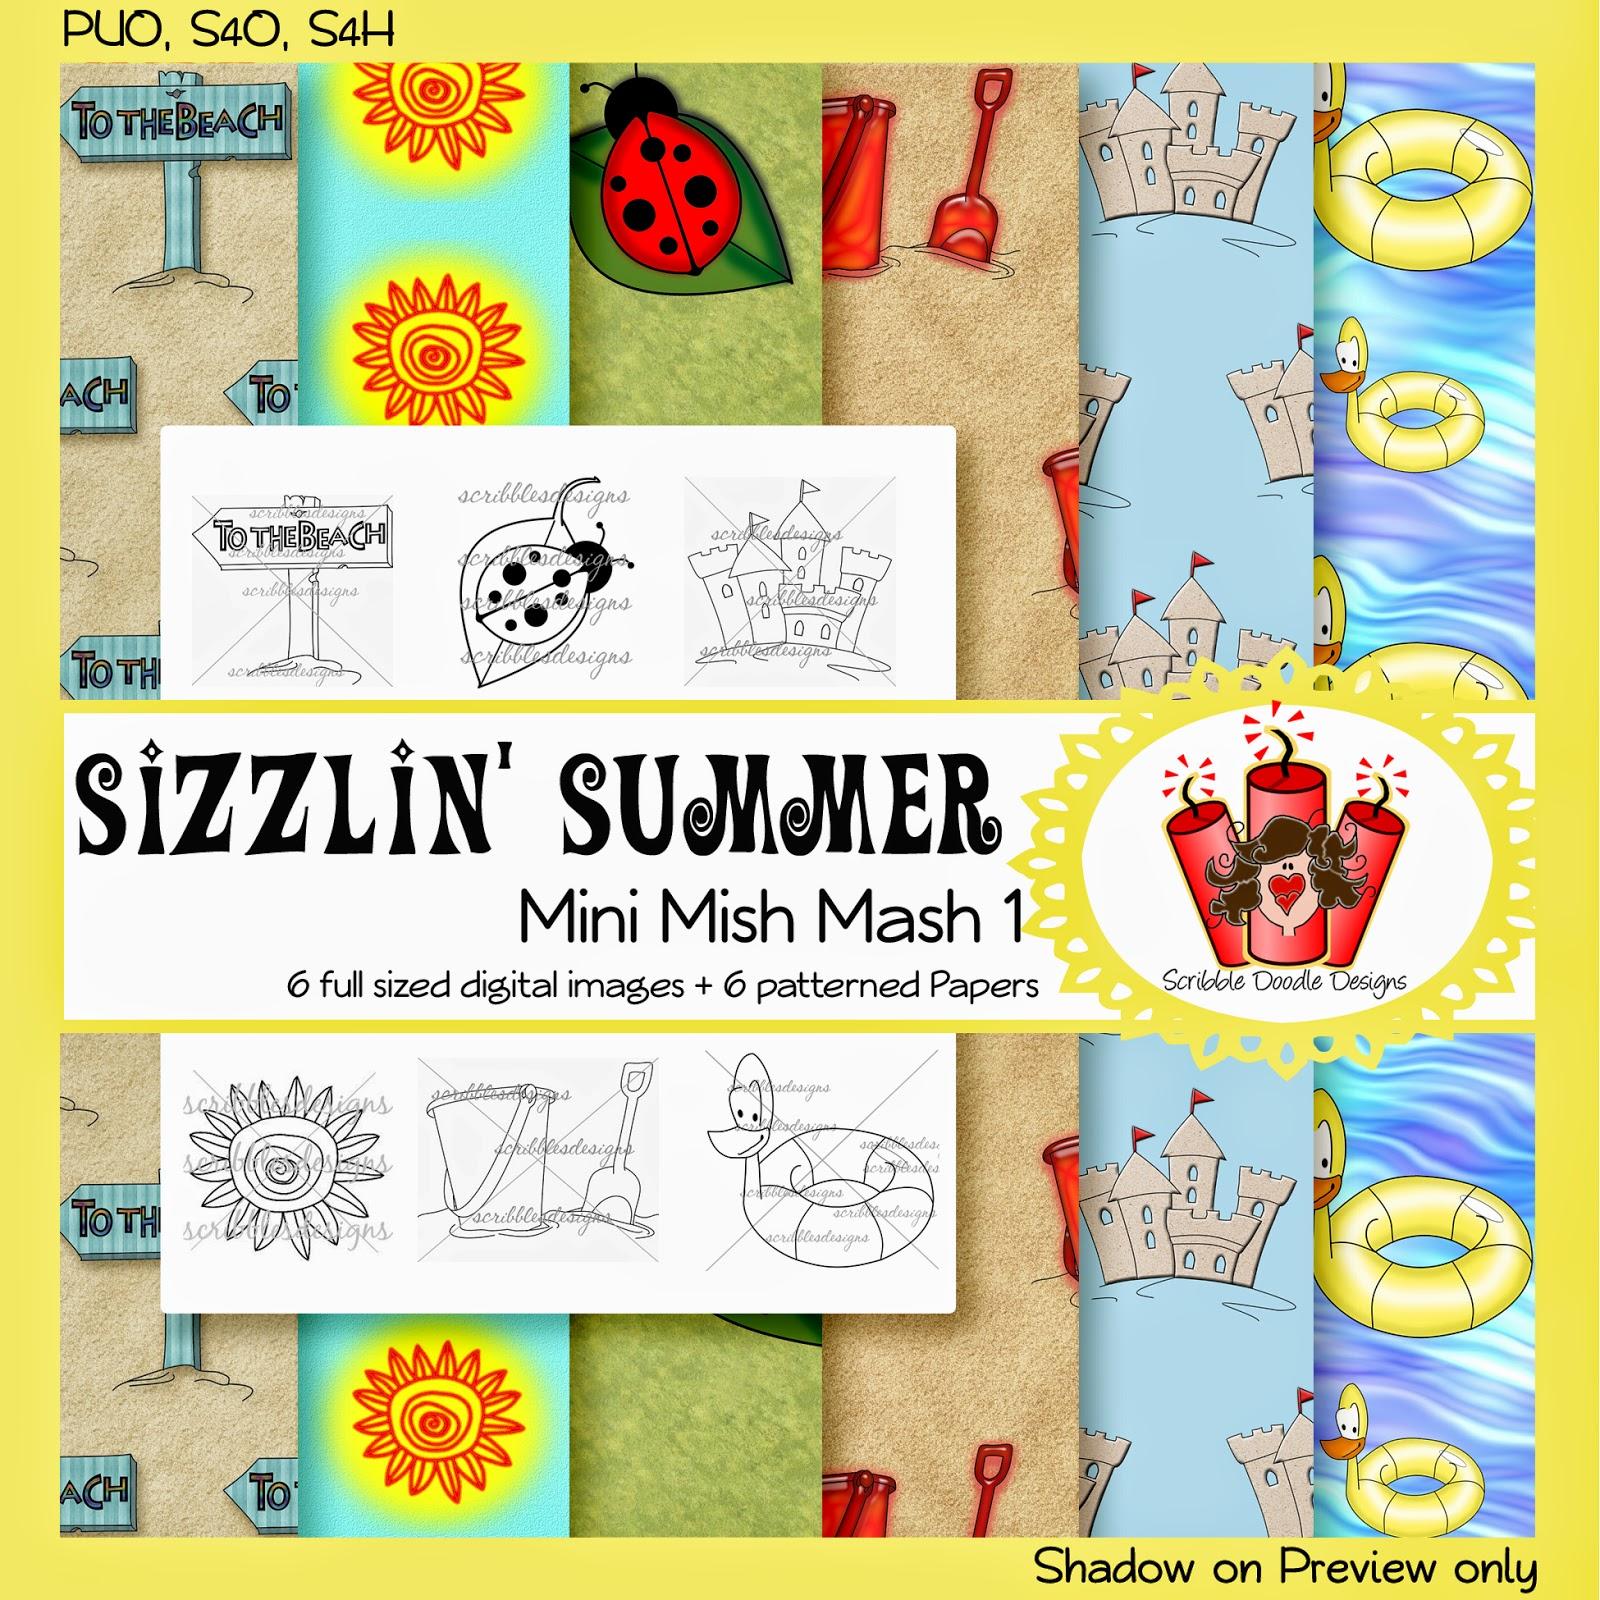 https://4.bp.blogspot.com/-1Q2ZBhXeQ-k/U-Fy3s8CzTI/AAAAAAAAQwE/NCwhLDqxVDE/s1600/preview+for+sizzlin+summer+mash+up+1.jpg